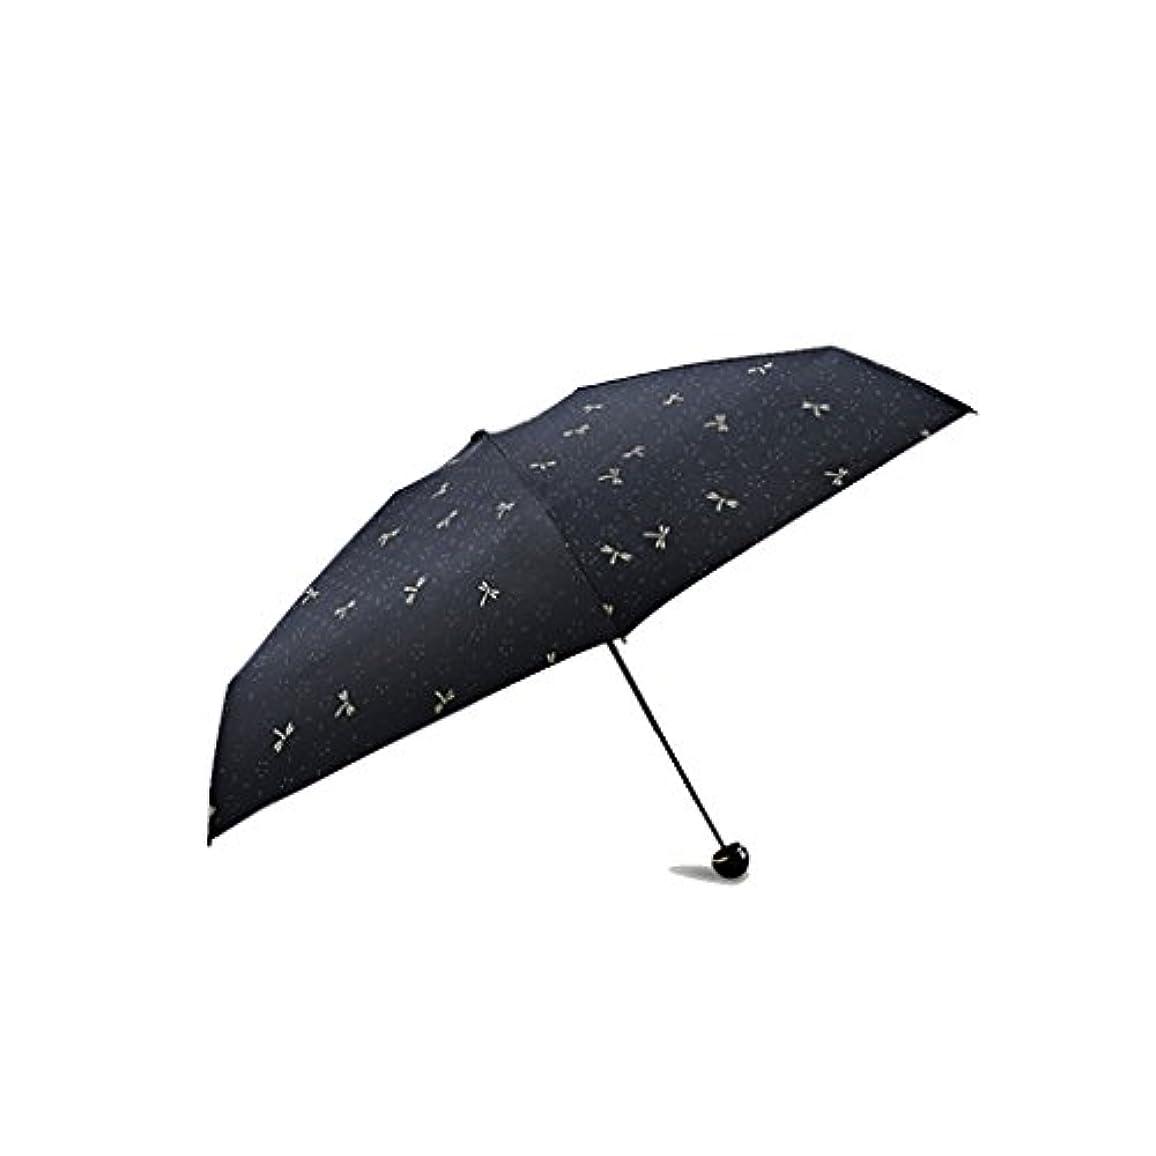 ハミングバードではごきげんよう前文旅行用傘 コンパクト旅行傘 - ファッショナブルなポータブルパラソル折りたたみ傘日陰抗紫外線高速乾燥防風旅行傘用女性 - テフロンコーティング UVカット